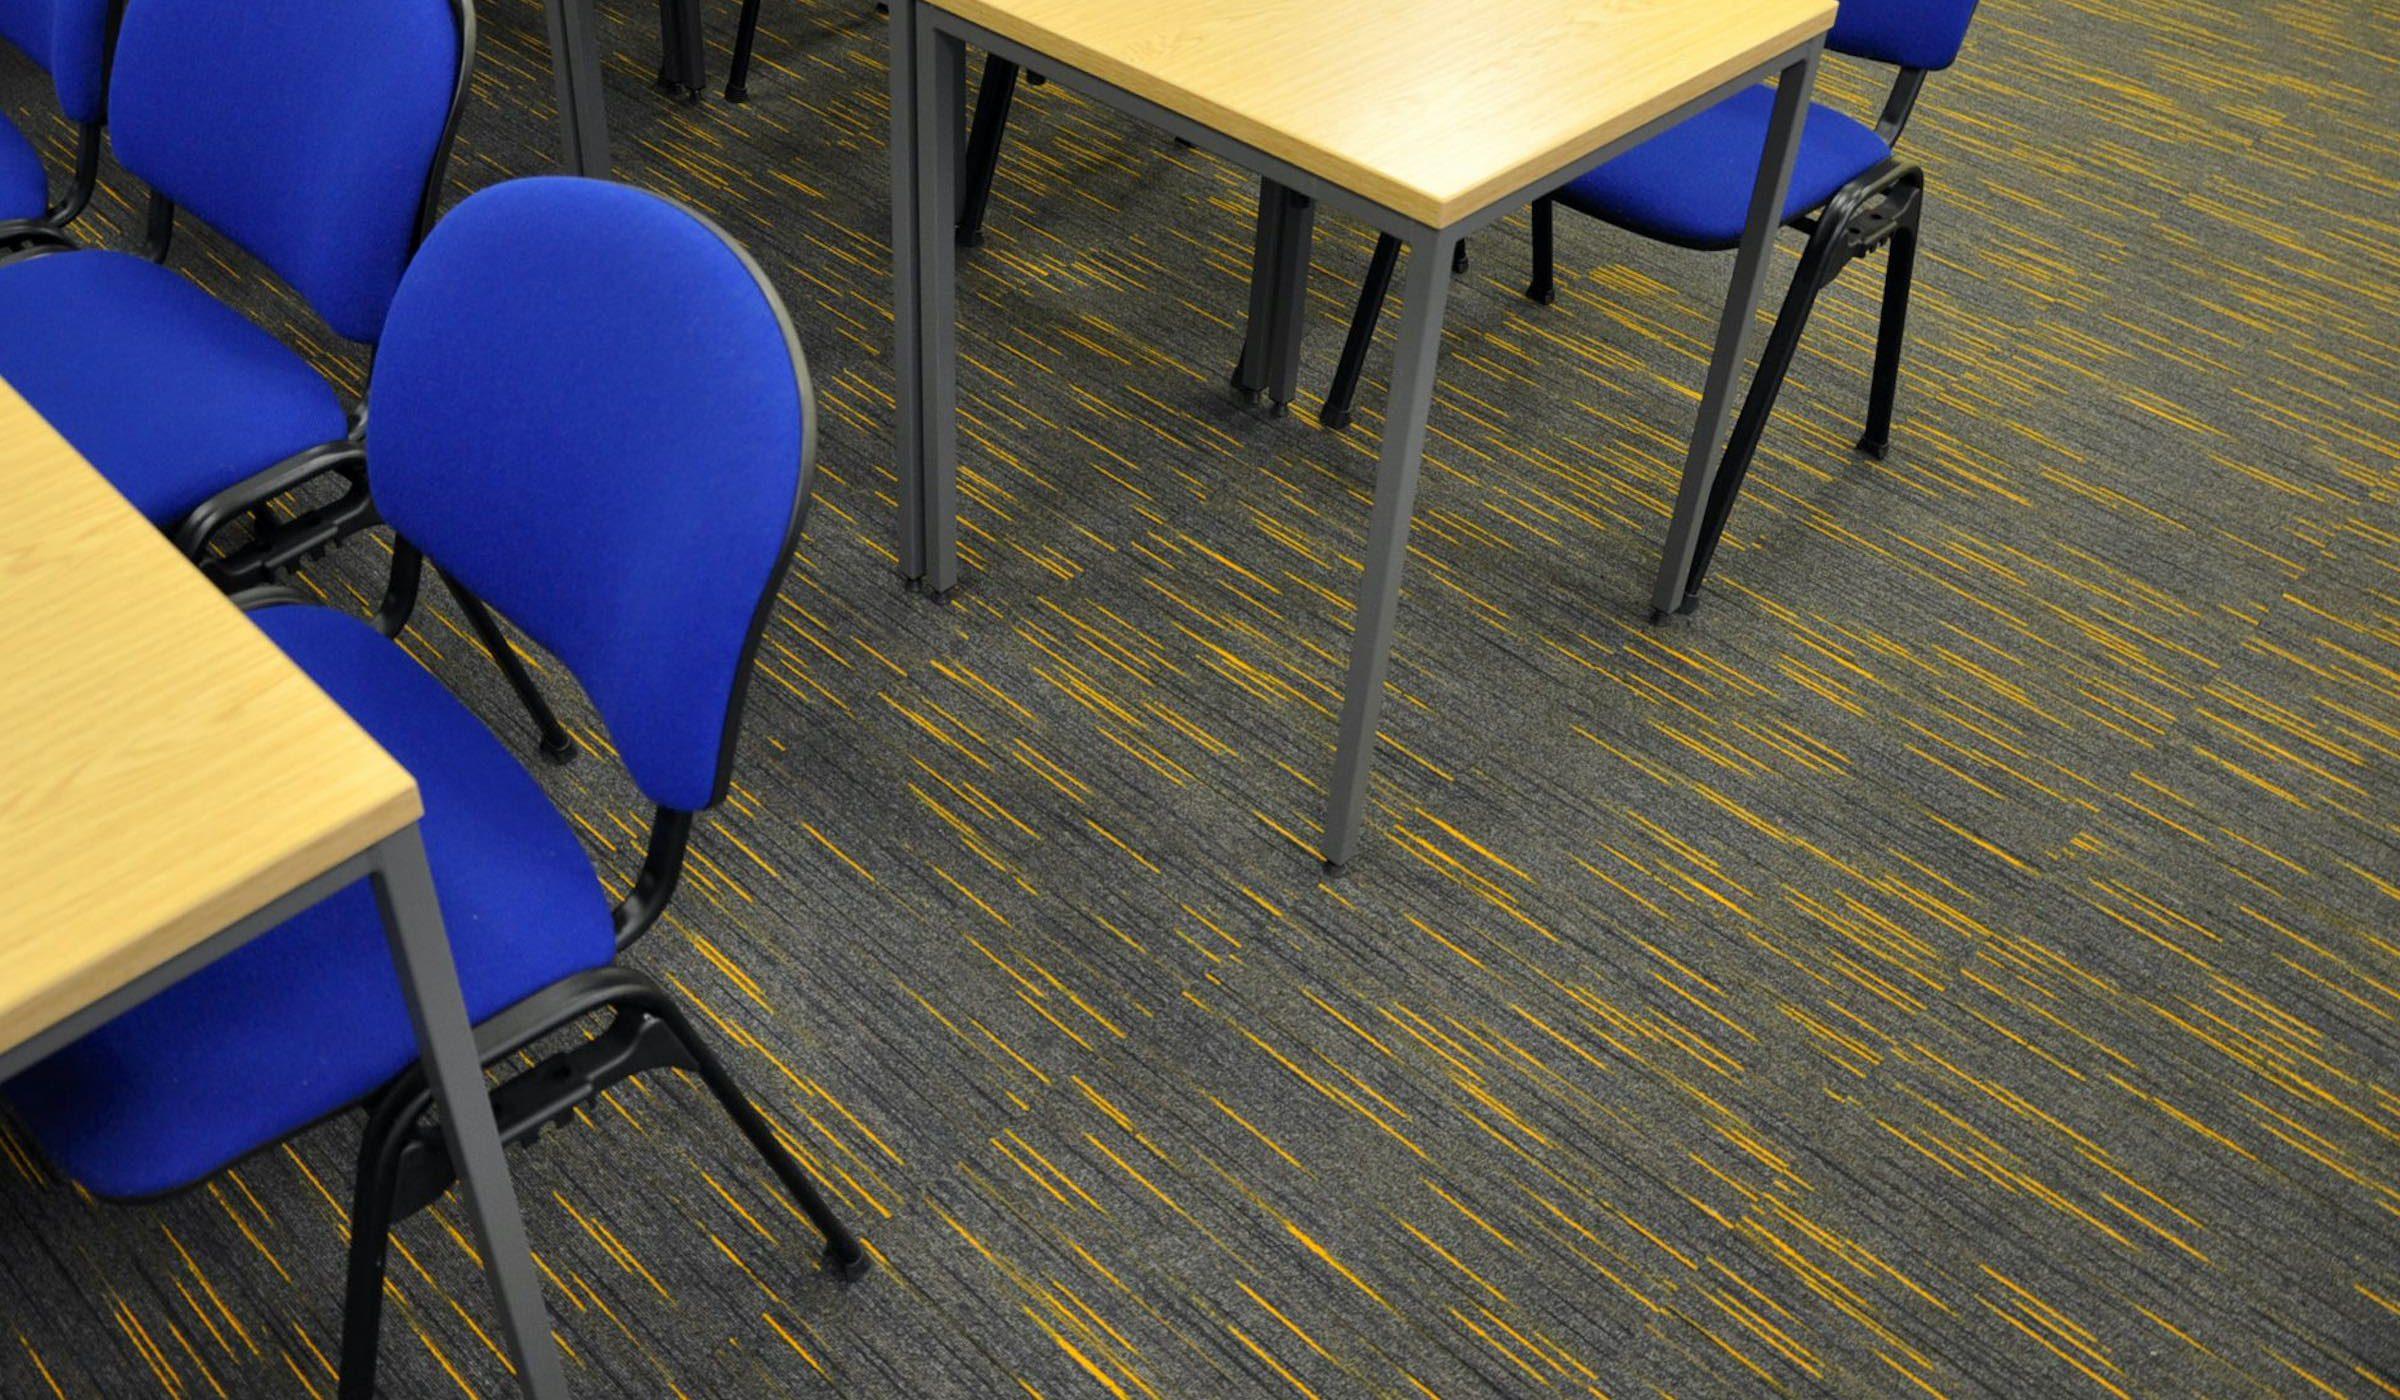 Strobe | Paragon Carpet Tiles | Commercial Carpet Tiles | Design Carpet Tiles 8